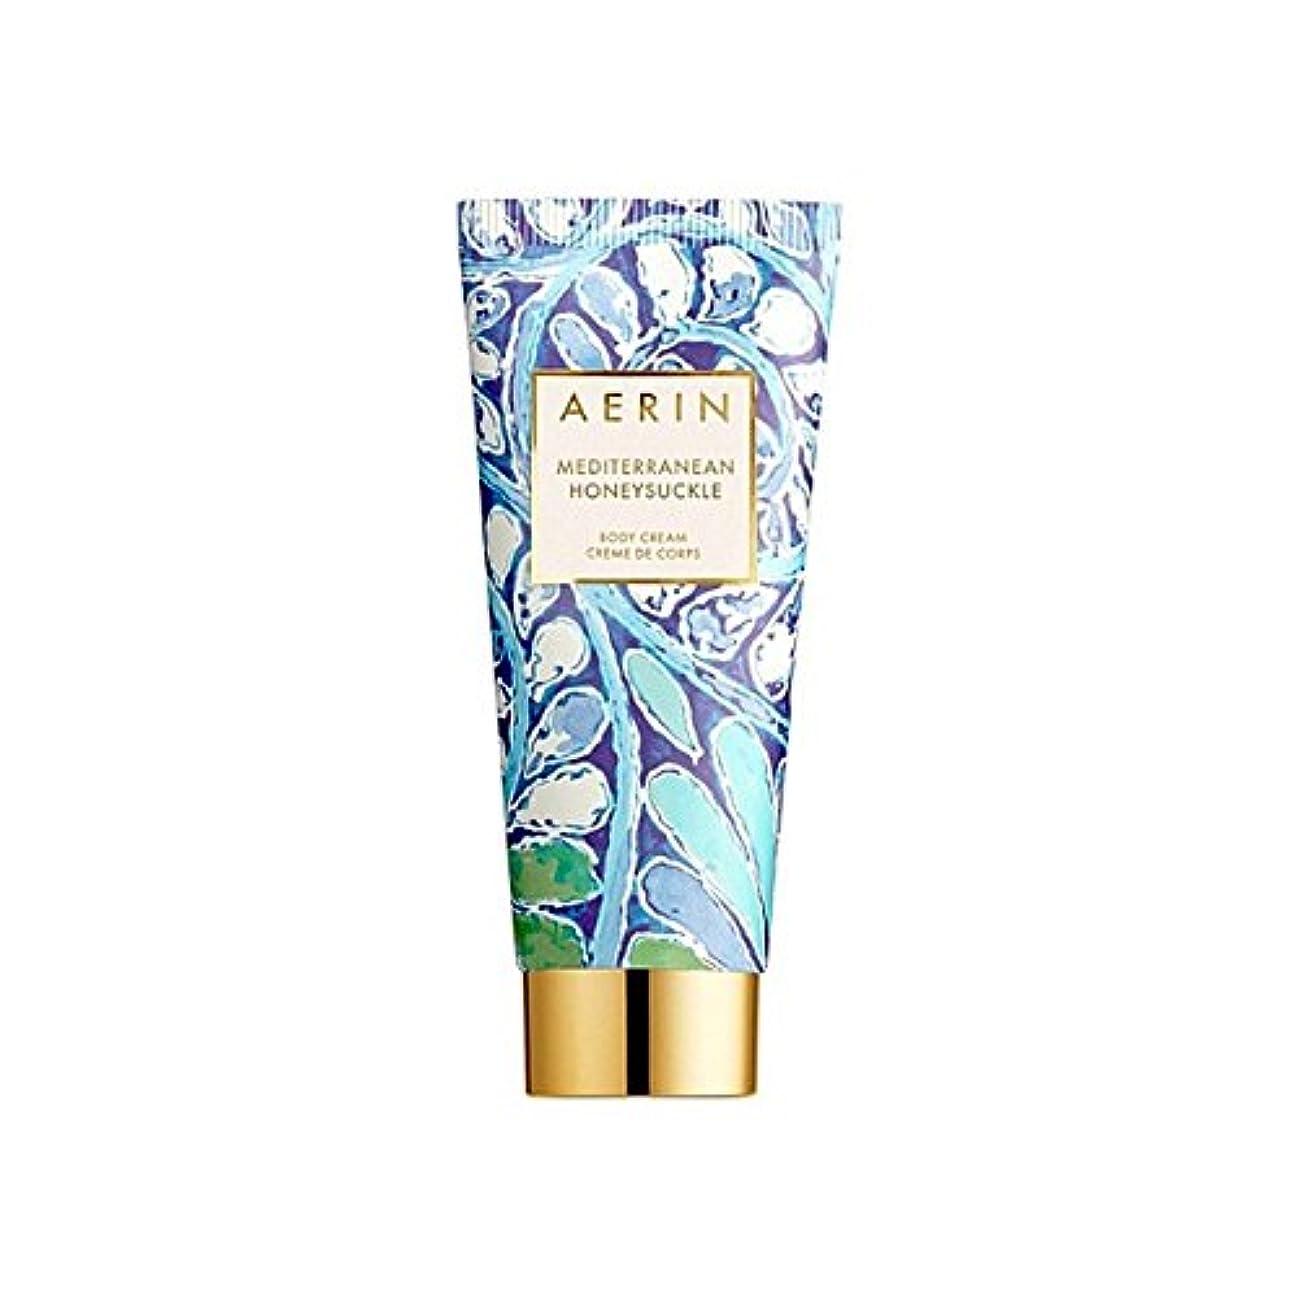 急行する倉庫便利さスイカズラボディクリーム150ミリリットル x2 - Aerin Mediterrenean Honeysuckle Body Cream 150ml (Pack of 2) [並行輸入品]